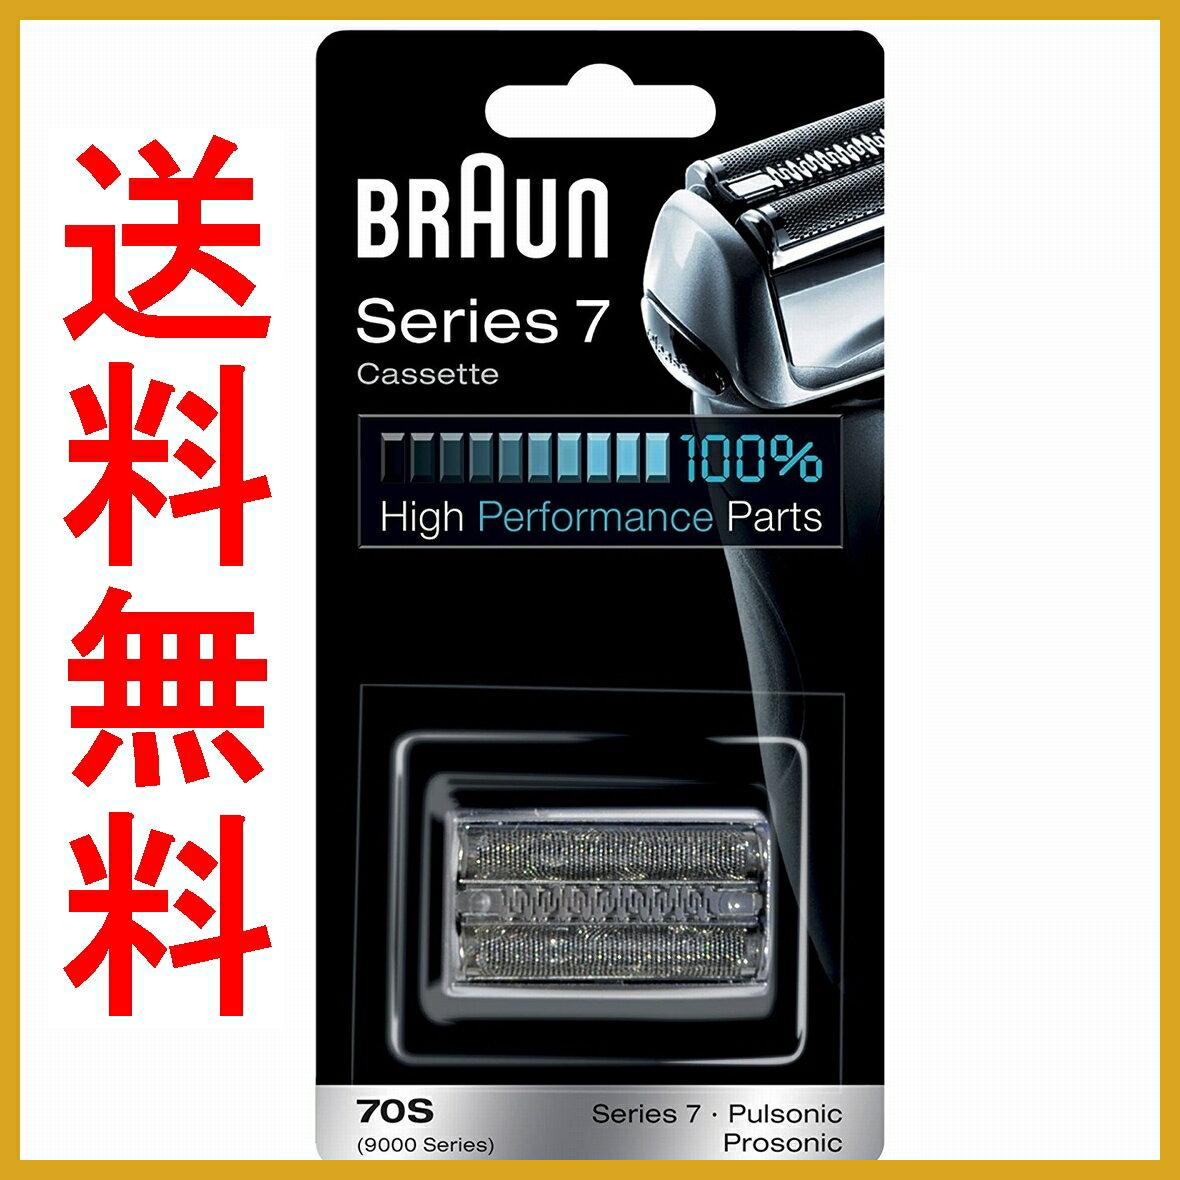 ブラウン 替刃 シリーズ7 70S(F/C70S-3Z F/C70S-3) 網刃・内刃一体型カセット シルバー 並行輸入品